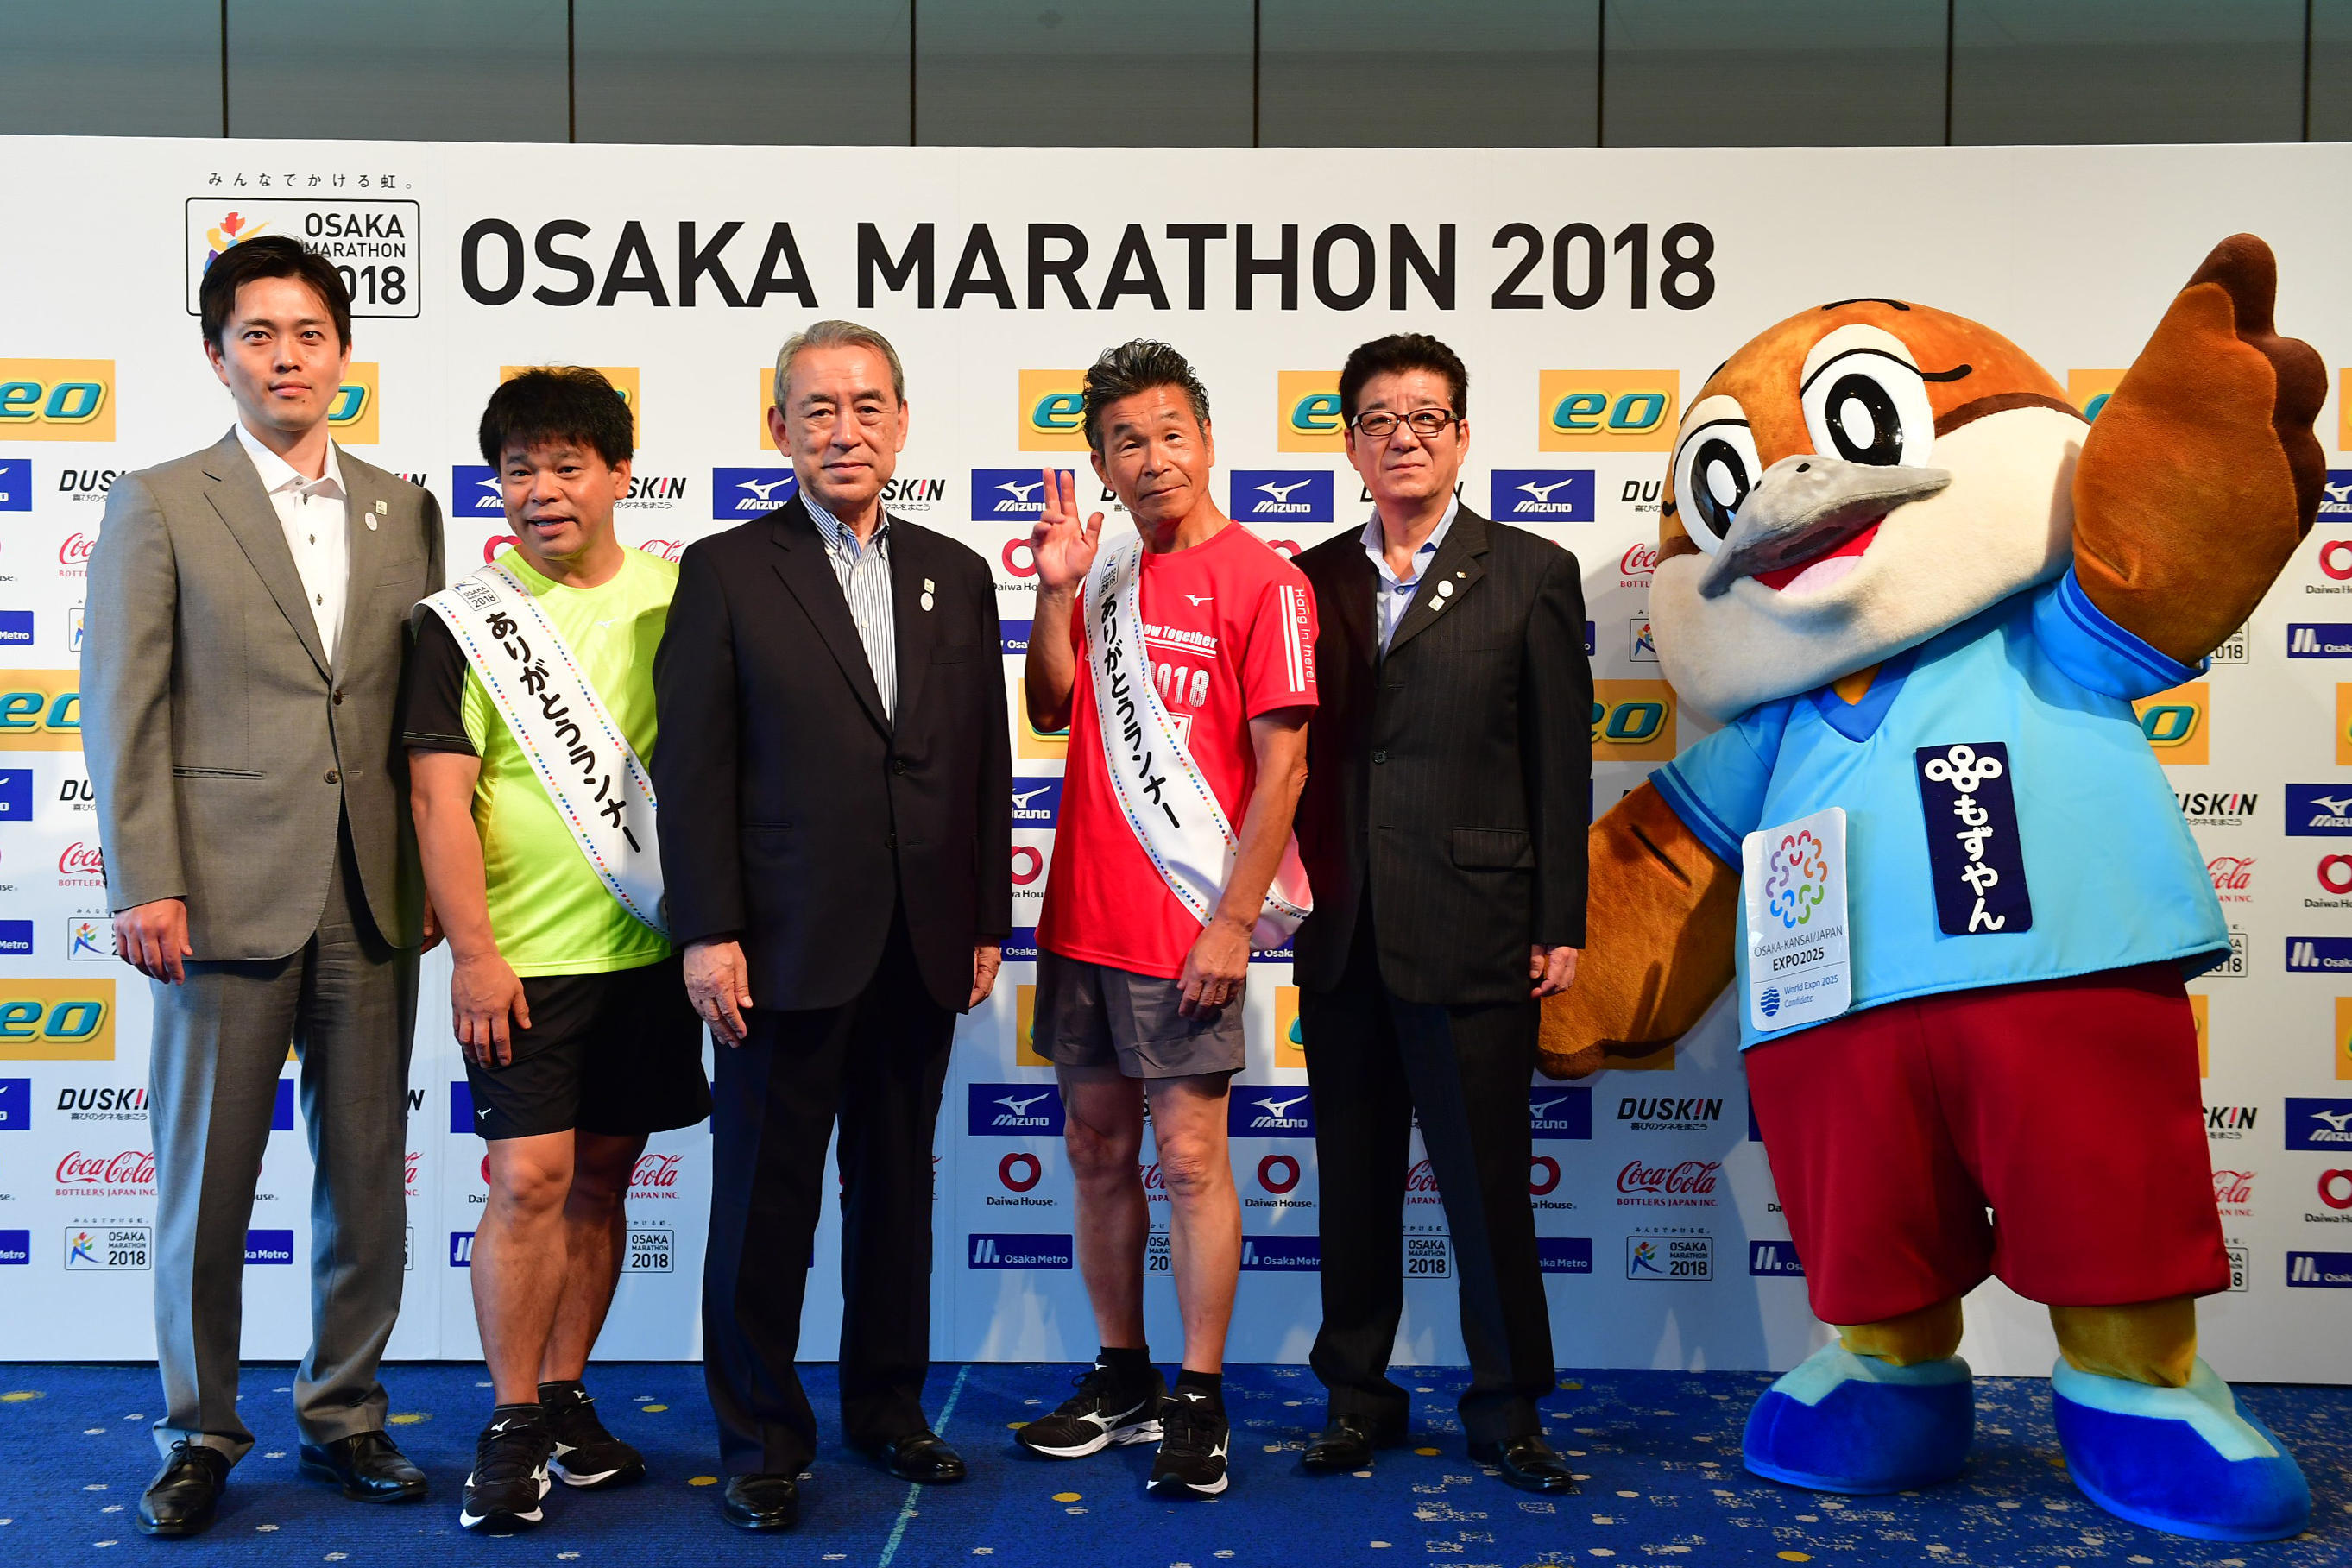 http://news.yoshimoto.co.jp/20180630191252-265b6f238fd88c6d69ab453877d1b746e3e97322.jpg